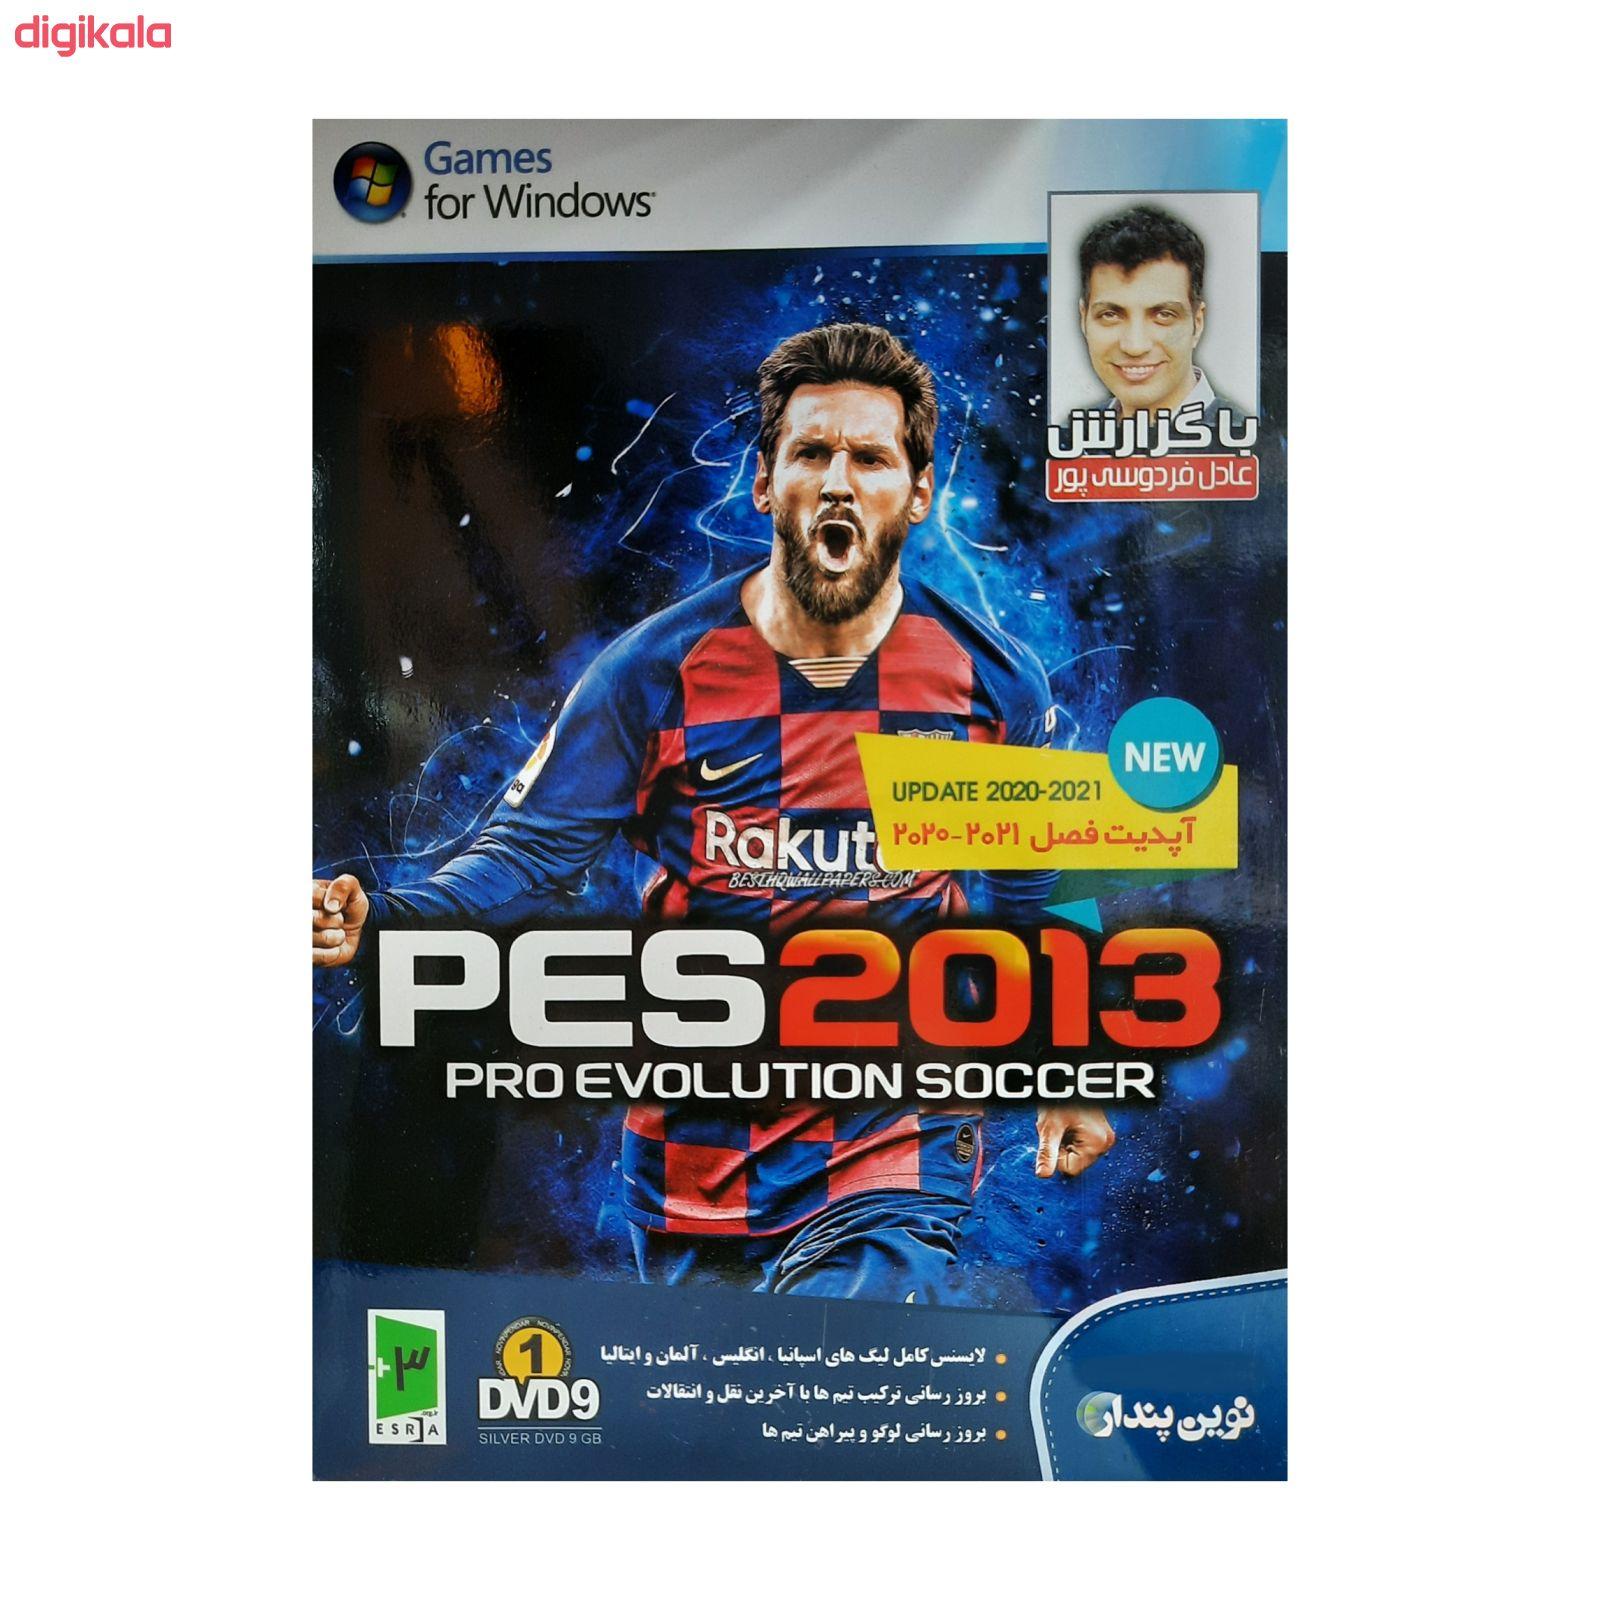 بازی Pes 2013 update 2020-2021 با گزارش عادل فردوسی پور مخصوص pc نشر نوین پندار main 1 1